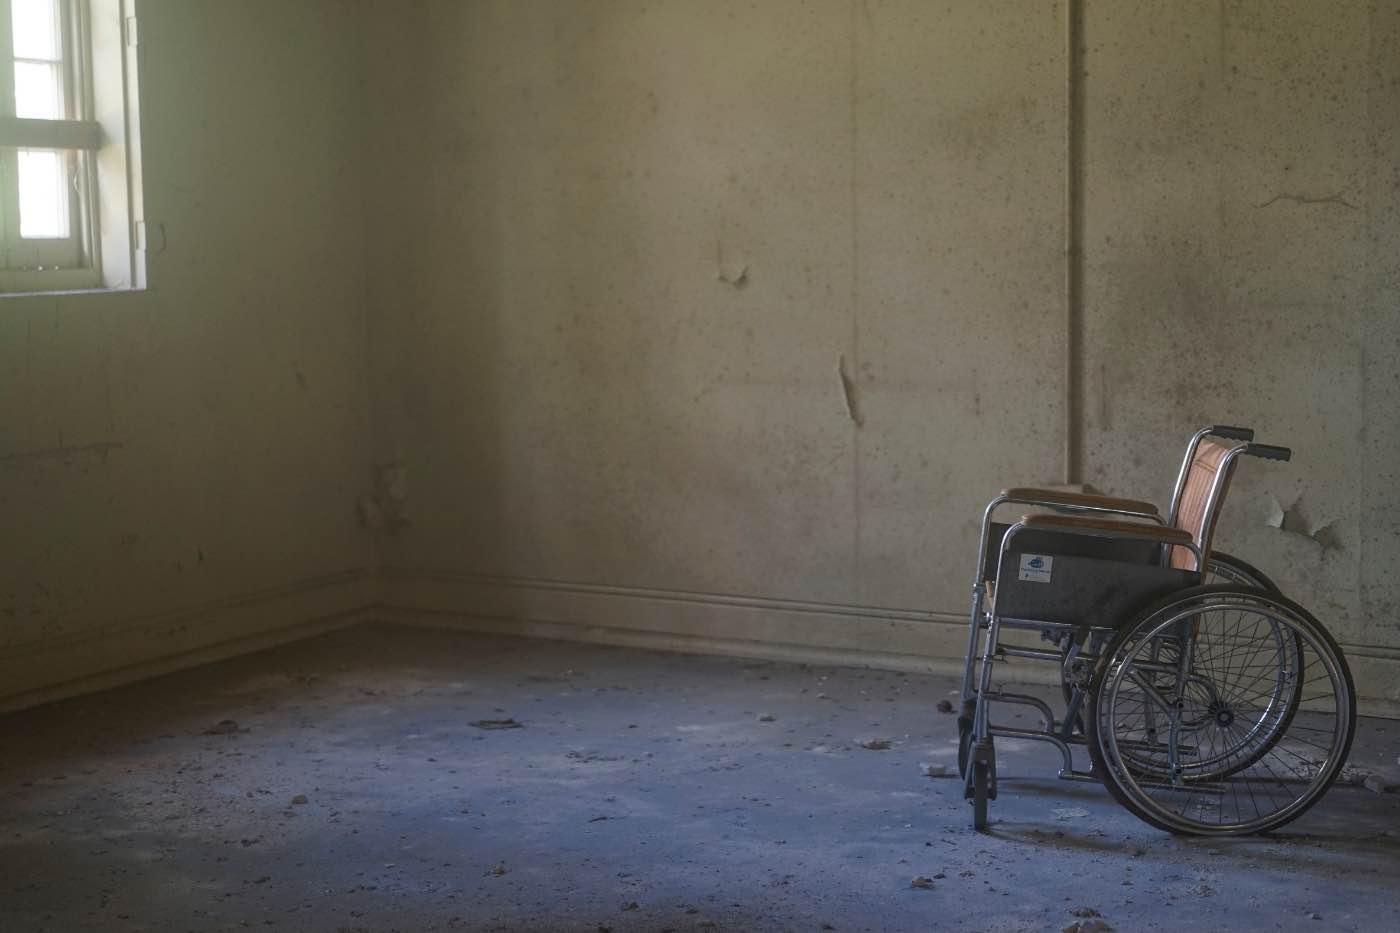 Quadriplegia Arizona Home Care